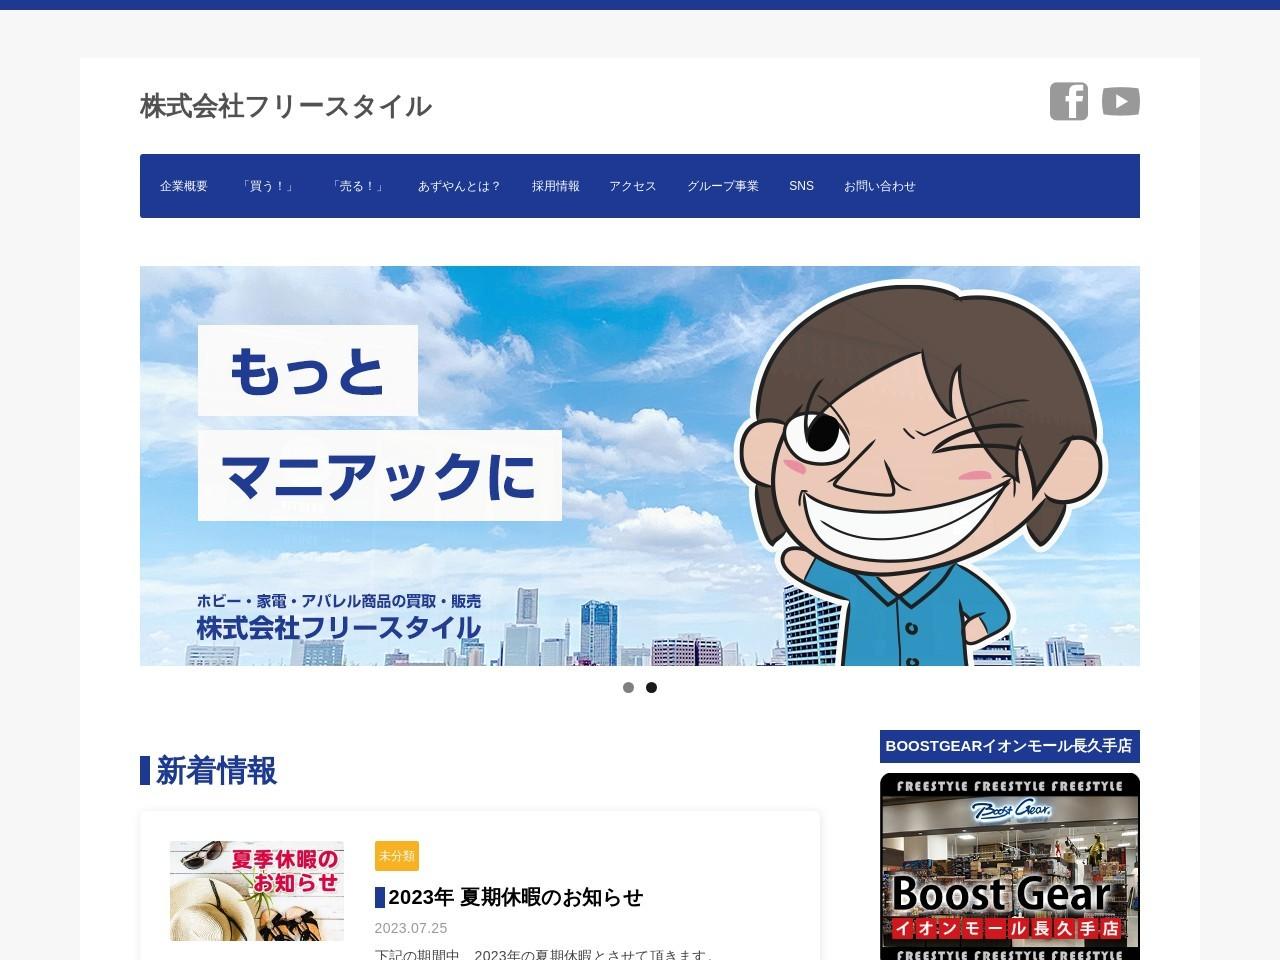 株式会社フリースタイル(愛知県小牧市)|もっと、マニアックに。